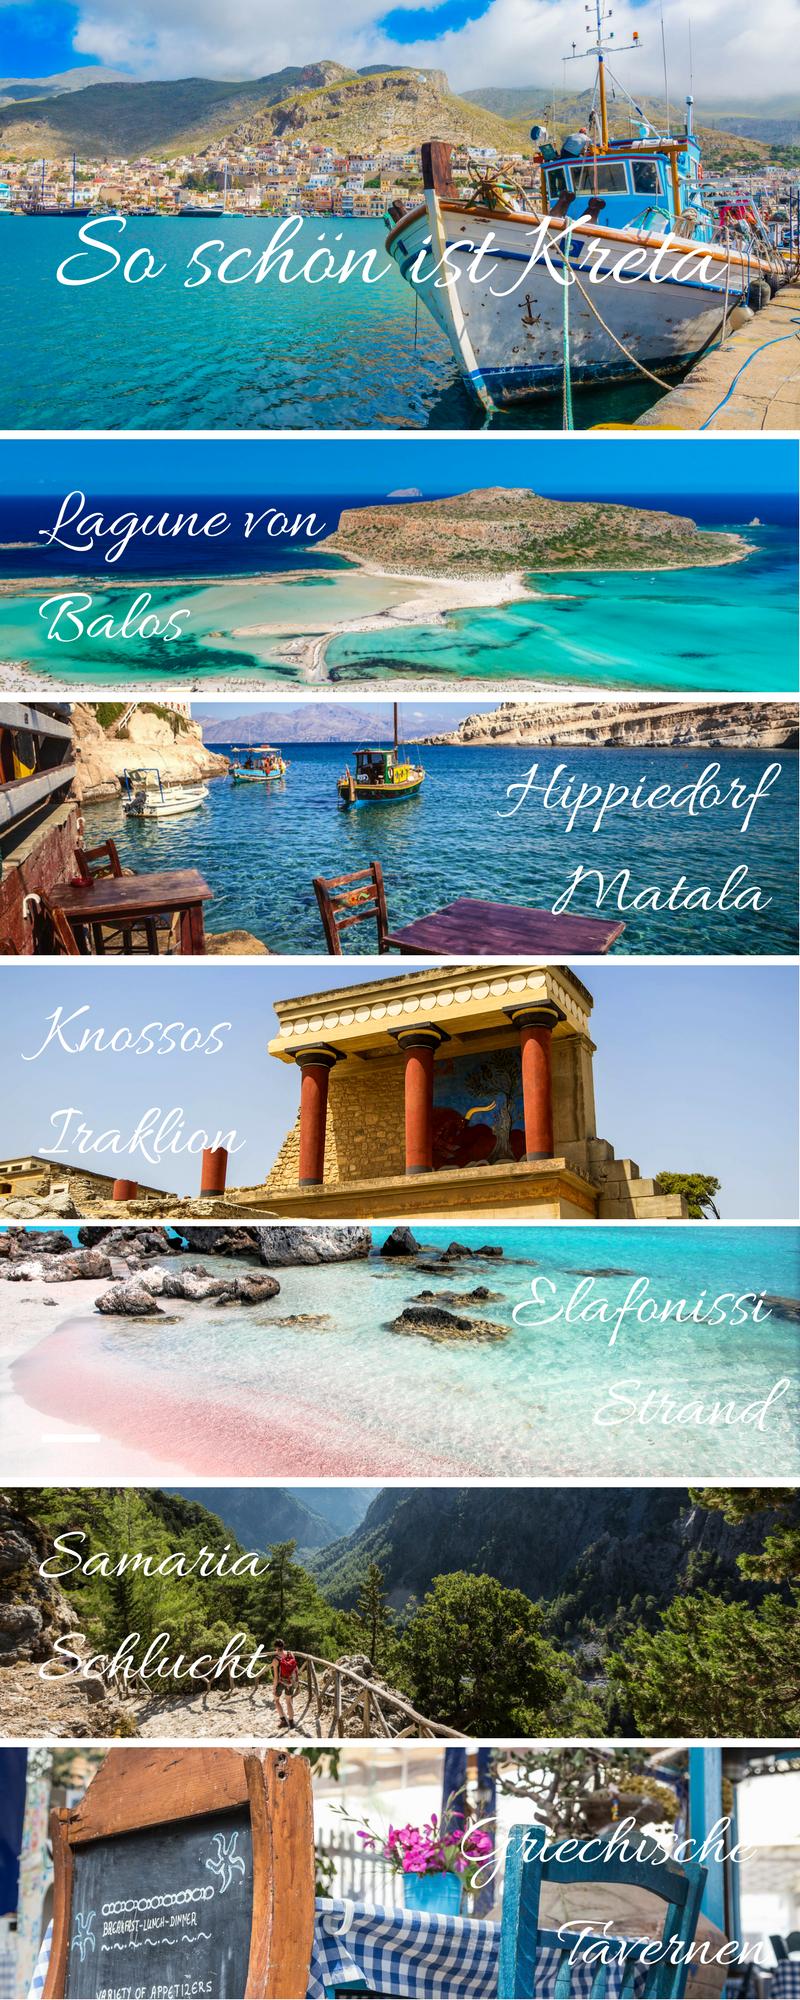 Wunderschön Kreta